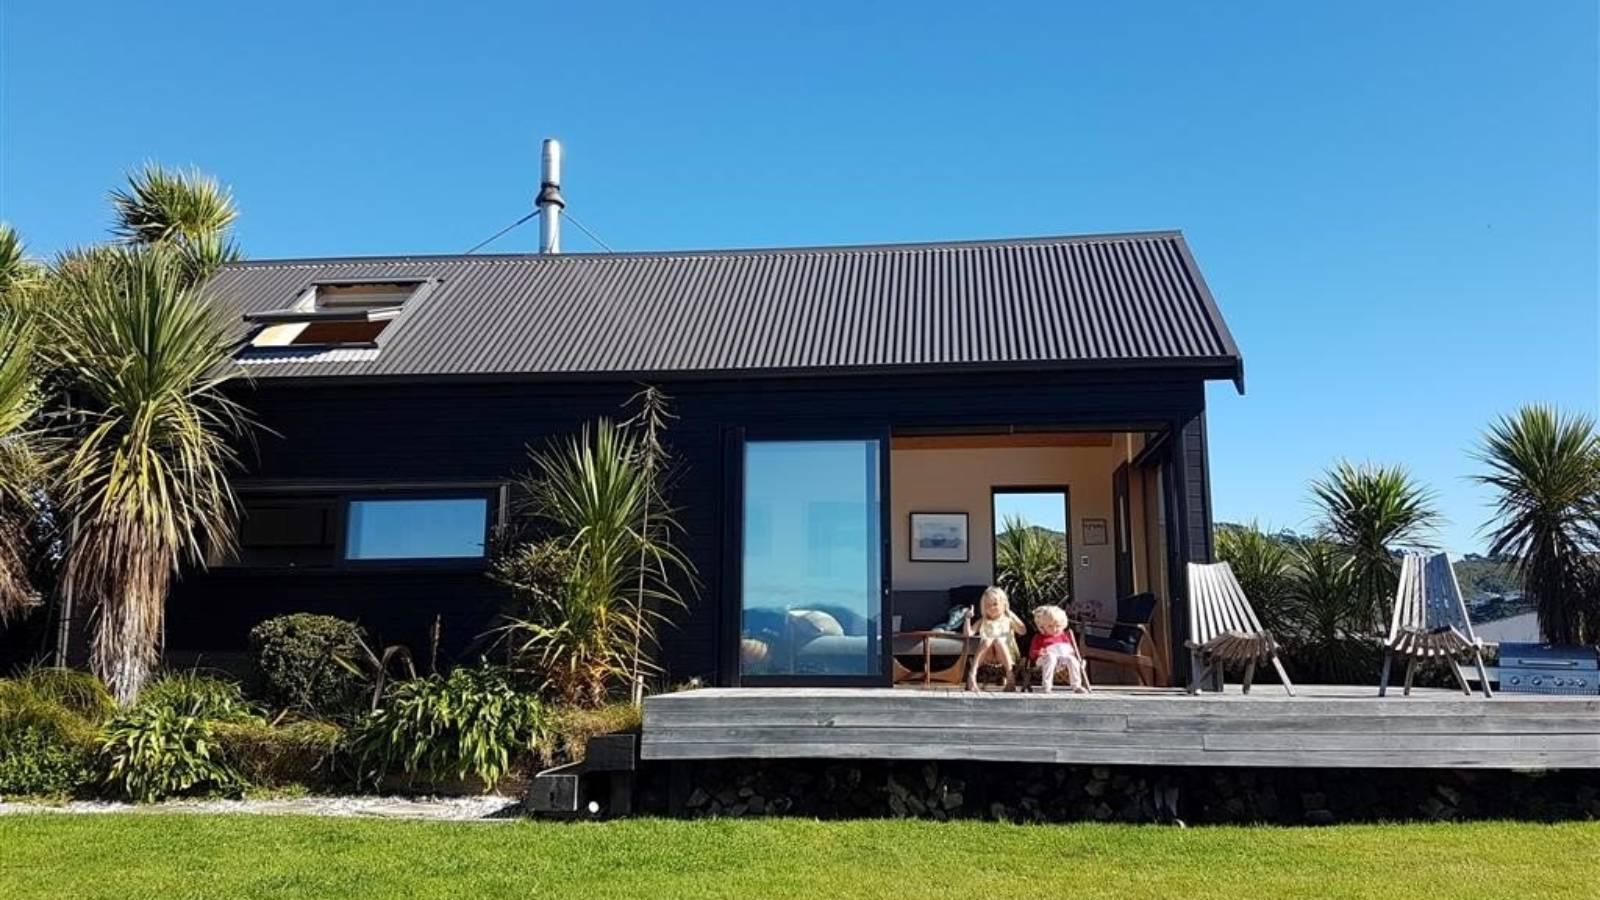 How a plan for an outdoor bath helped shape an award-winning cabin